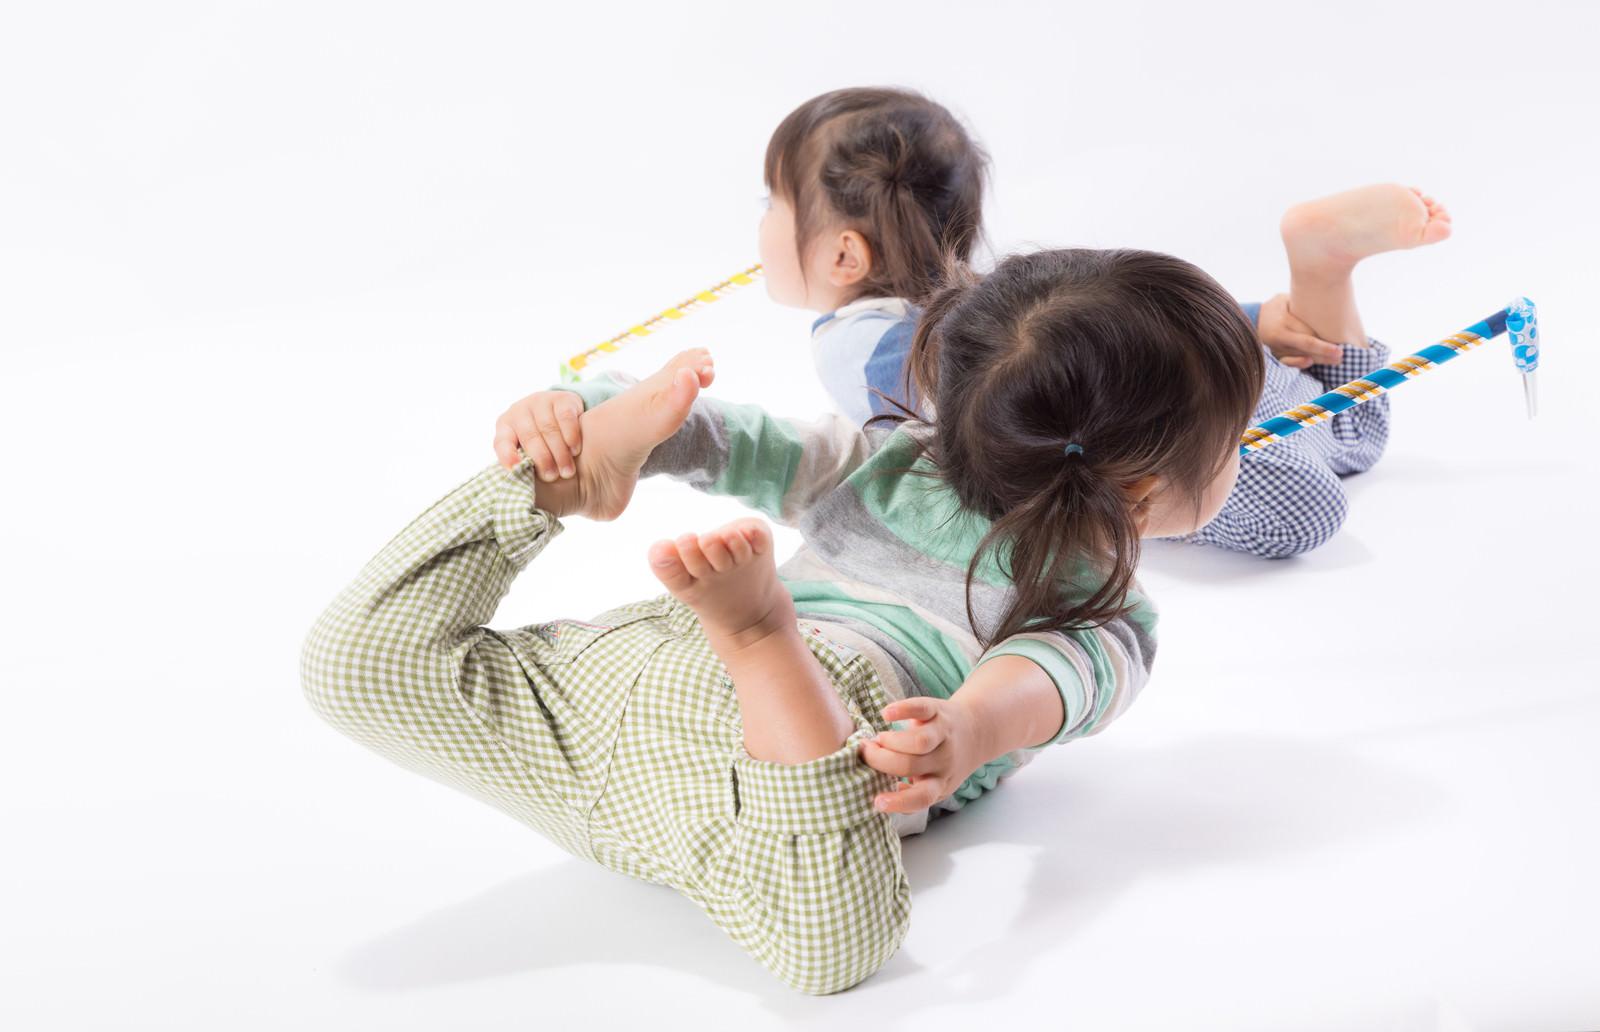 「ピロピロプーを咥えながらはしゃぐ息の合った双子姉妹」の写真[モデル:あおみどり]